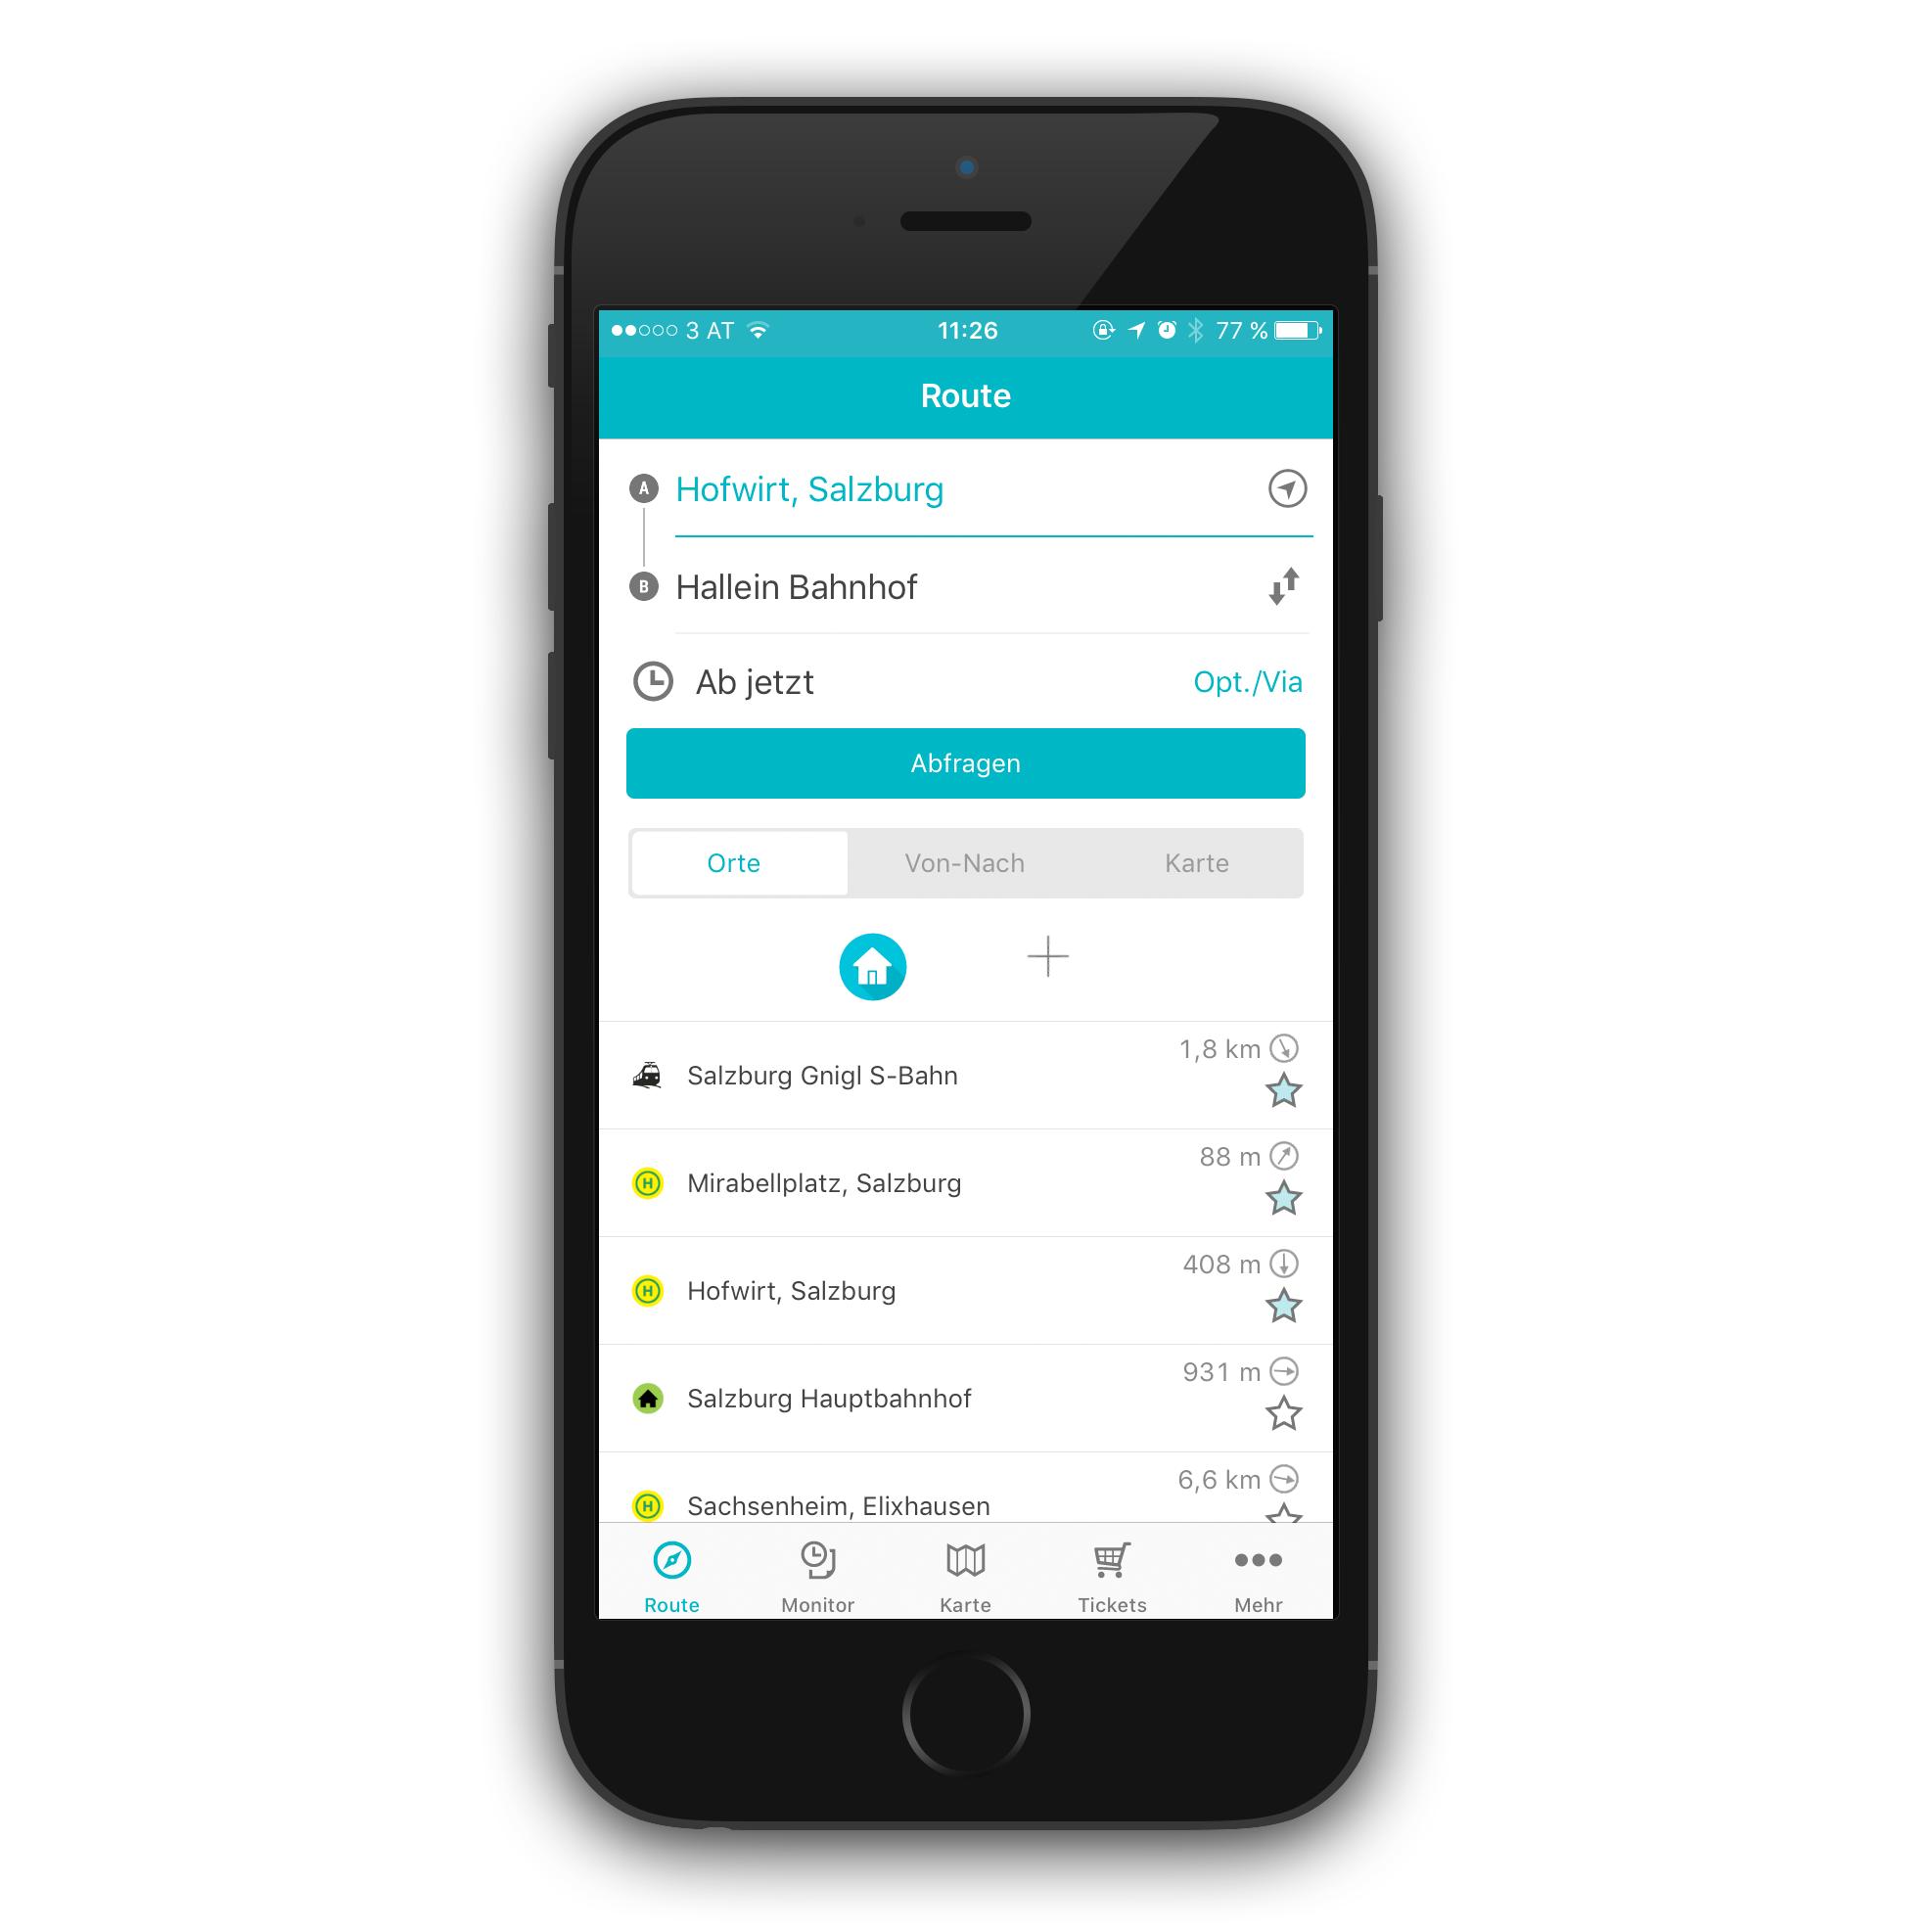 Screenshot Salzburg Verkehr App: Ansicht Startbildschirm Routenauswahl